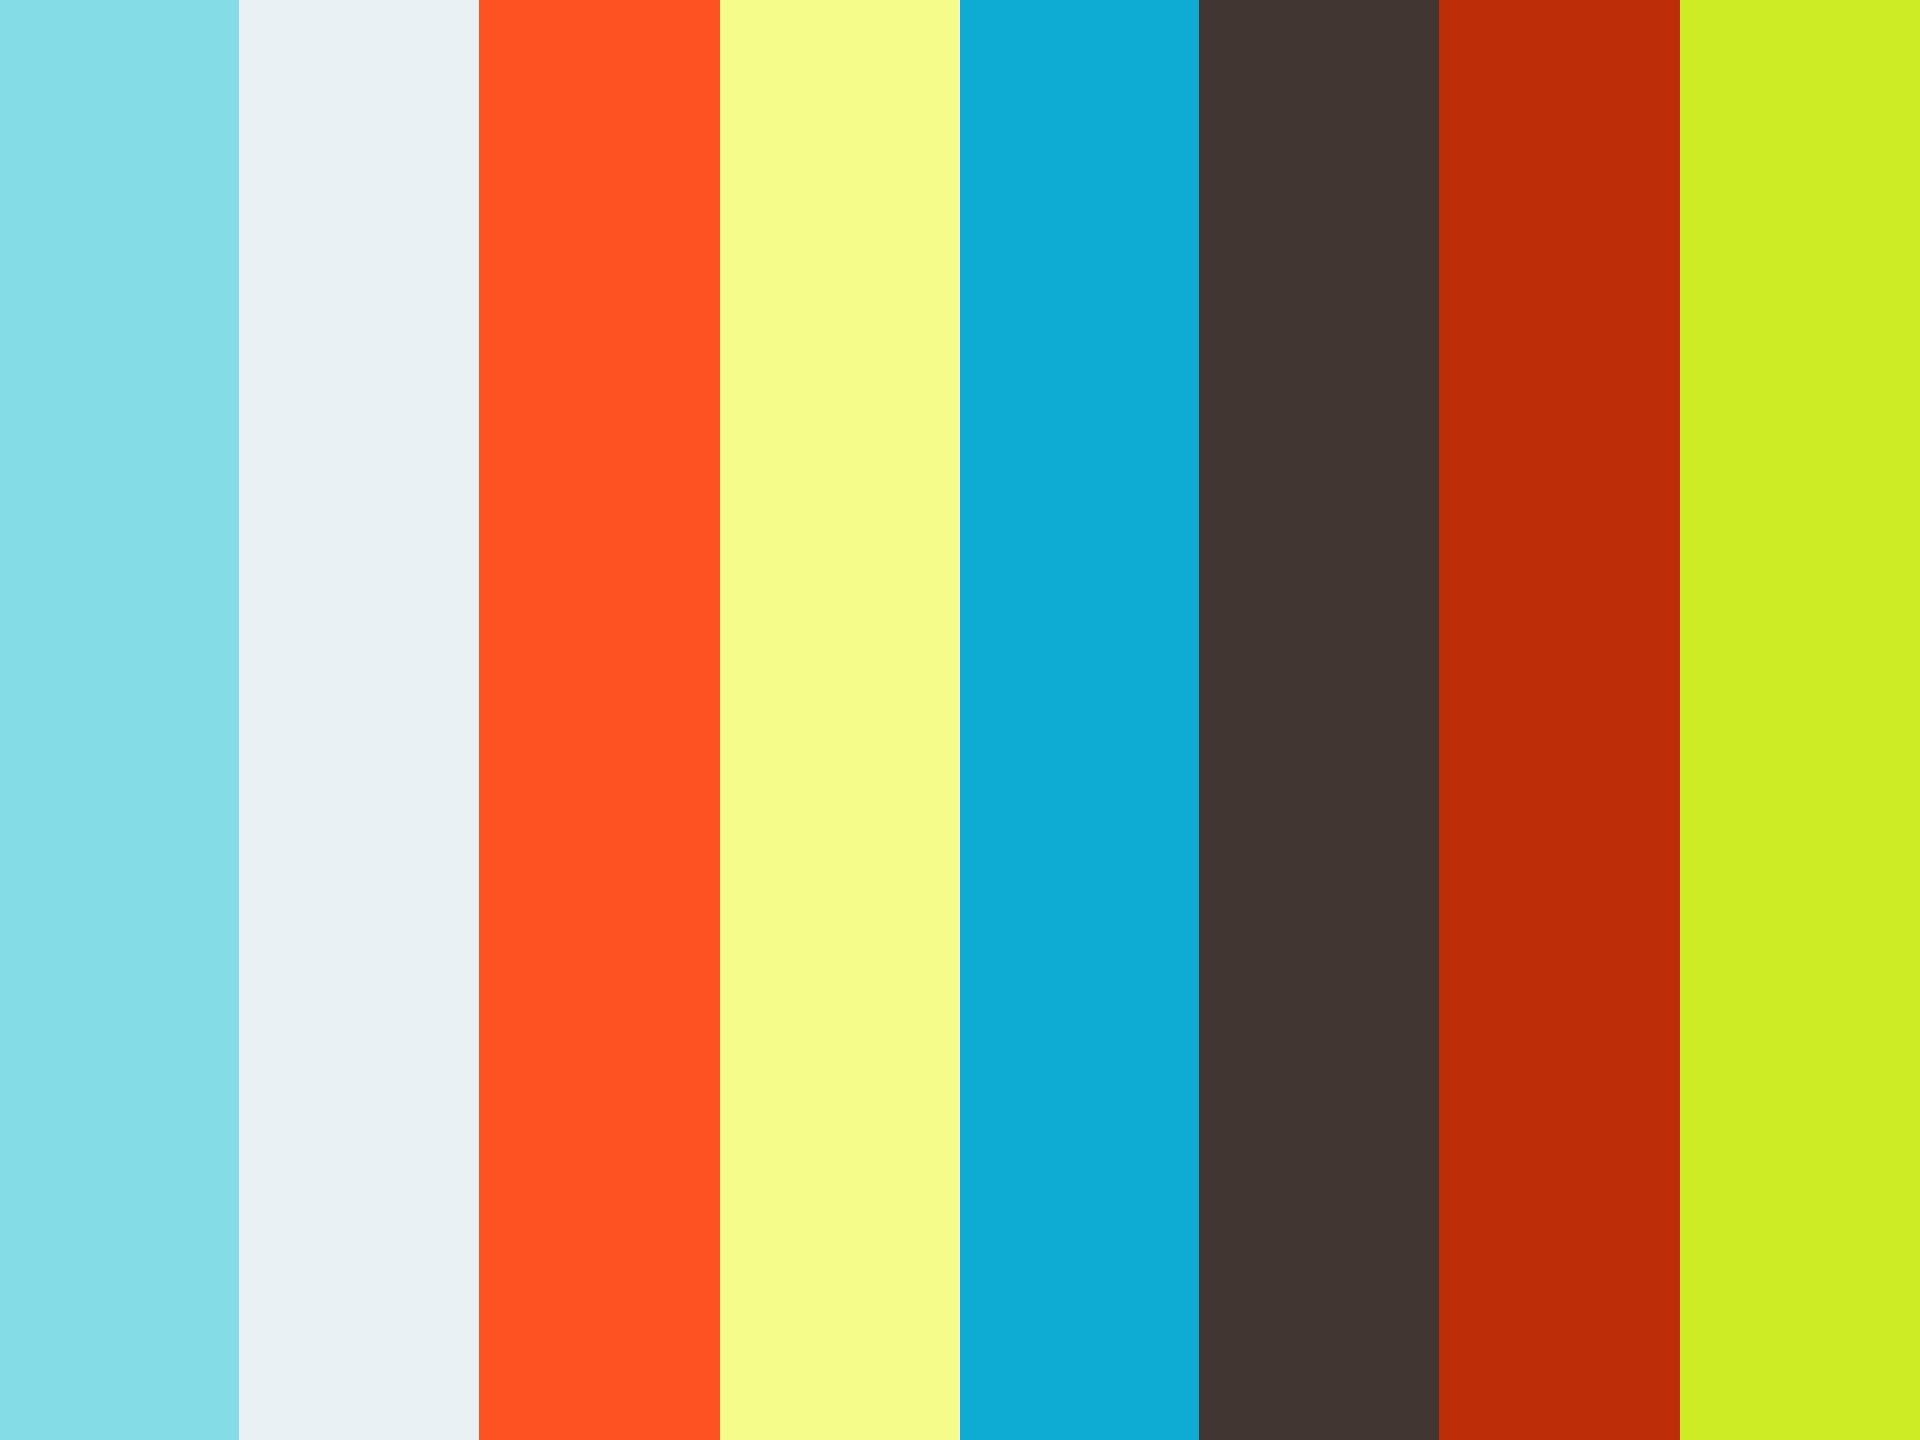 2006 toyotum avalon dash [ 1280 x 960 Pixel ]